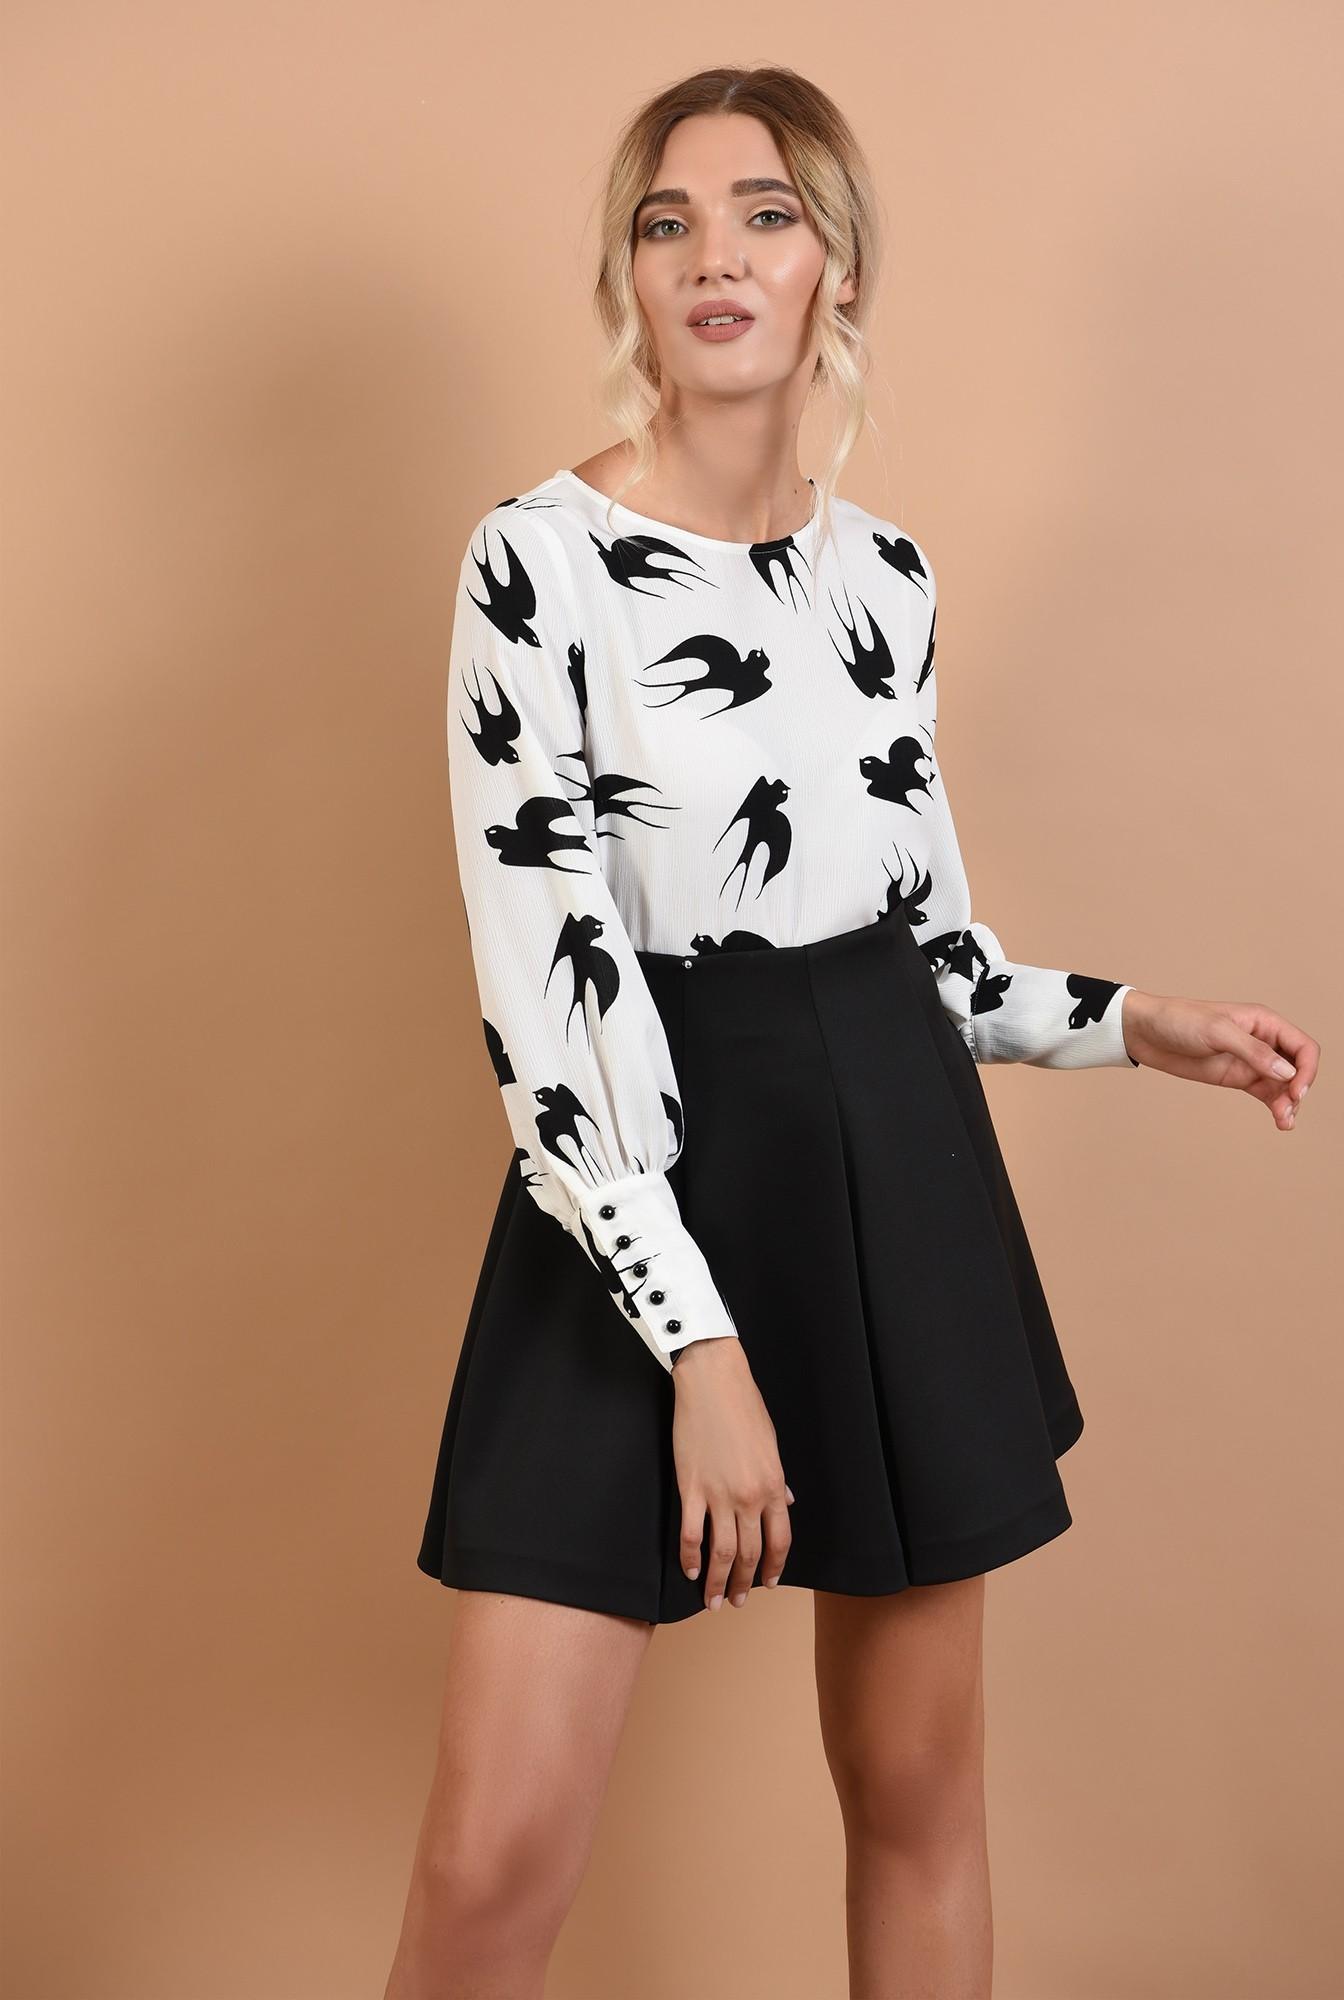 0 - 360 - bluza de toamna, alb-negru, decolteu la baza gatului, maneci cu mansete late